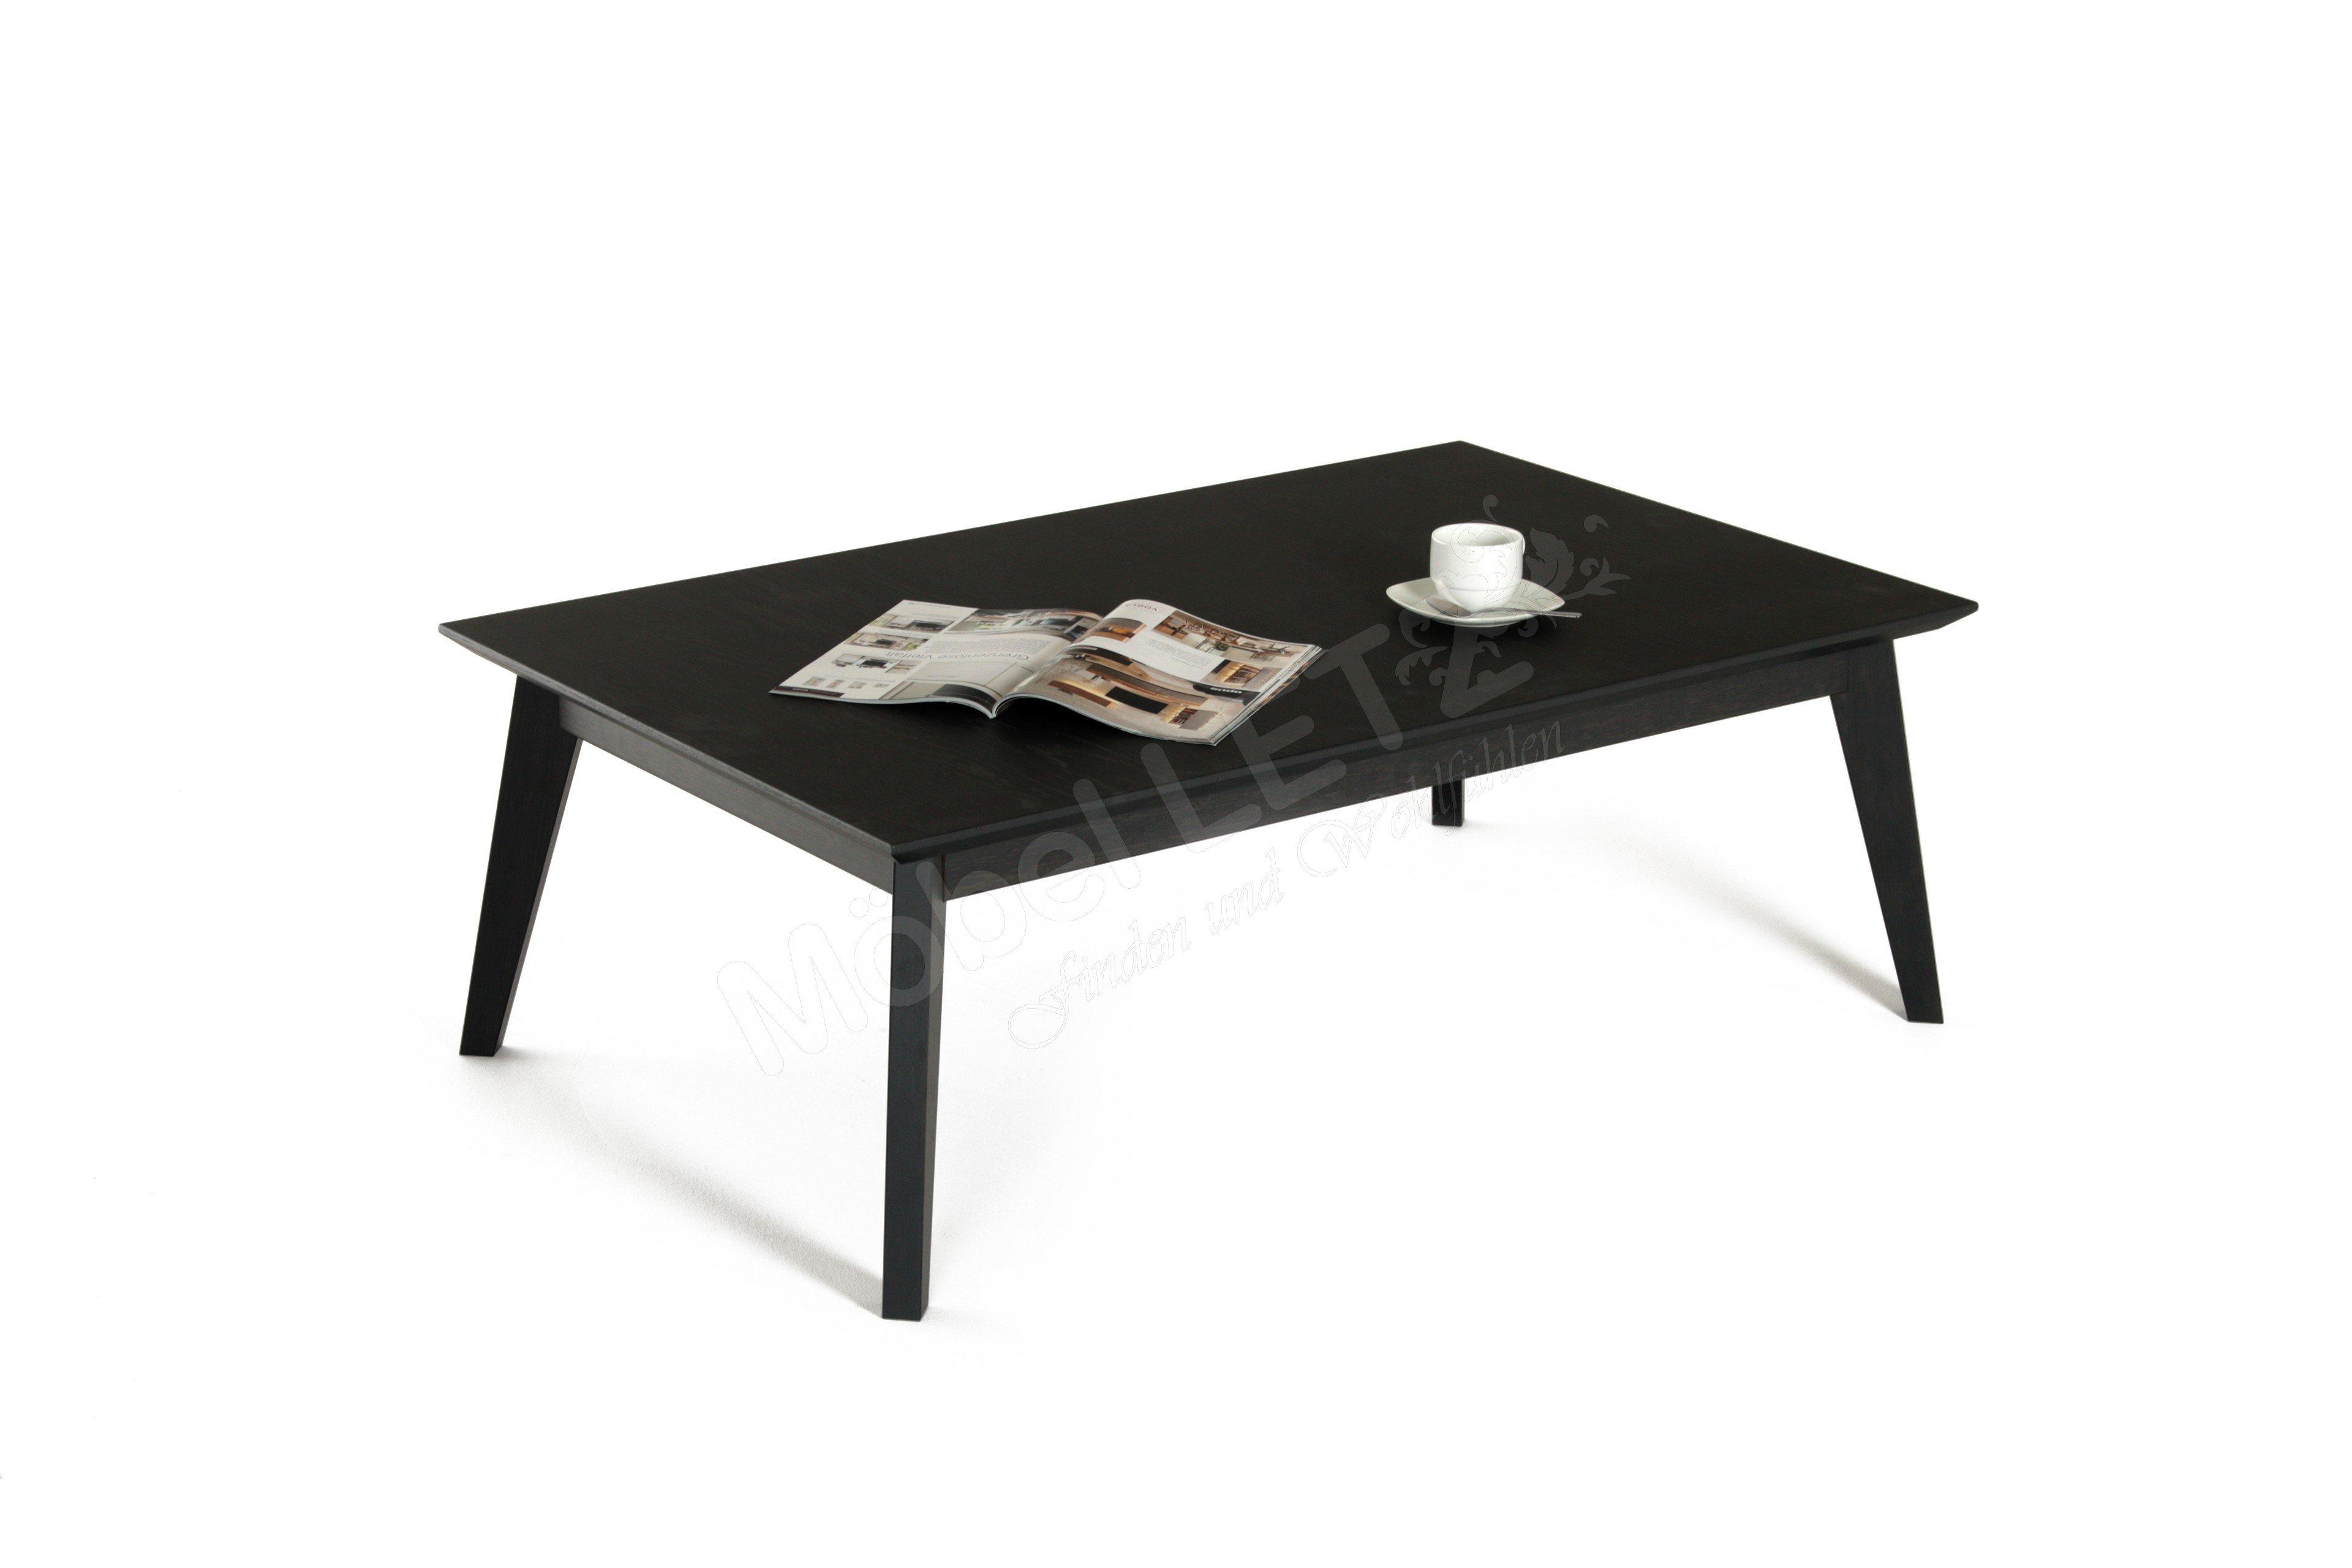 rietberger couchtisch deviso lotus in eiche m bel letz ihr online m bel shop. Black Bedroom Furniture Sets. Home Design Ideas